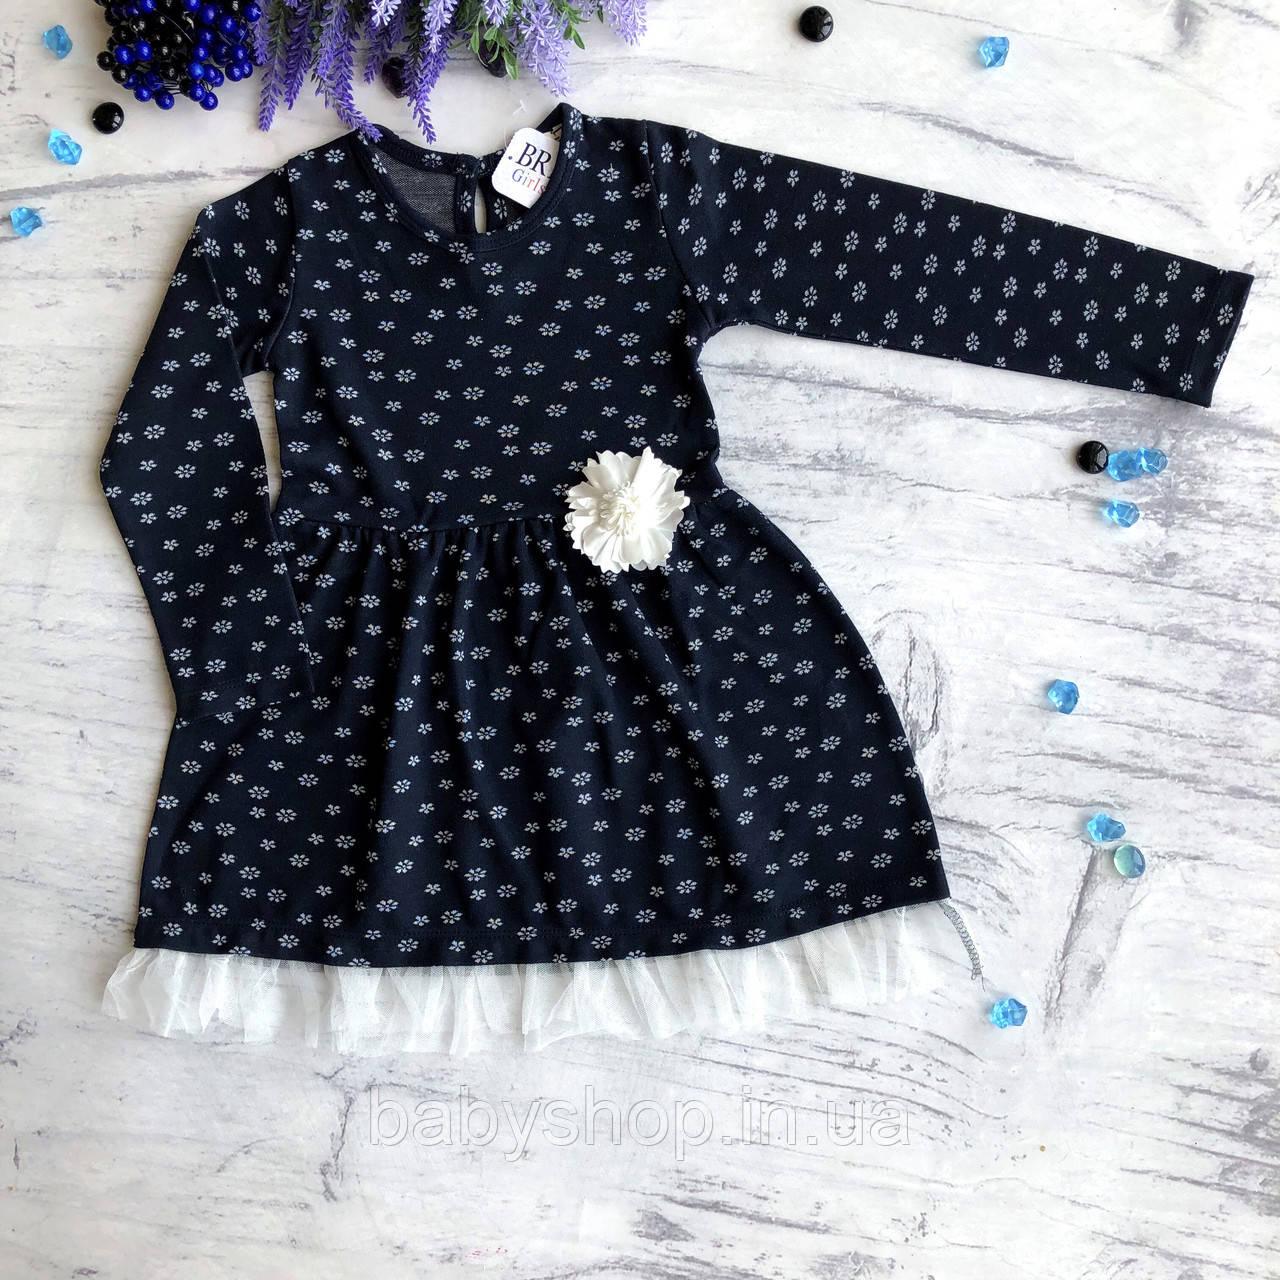 Теплое детское платье Breeze 1. Размер 116см (6лет)